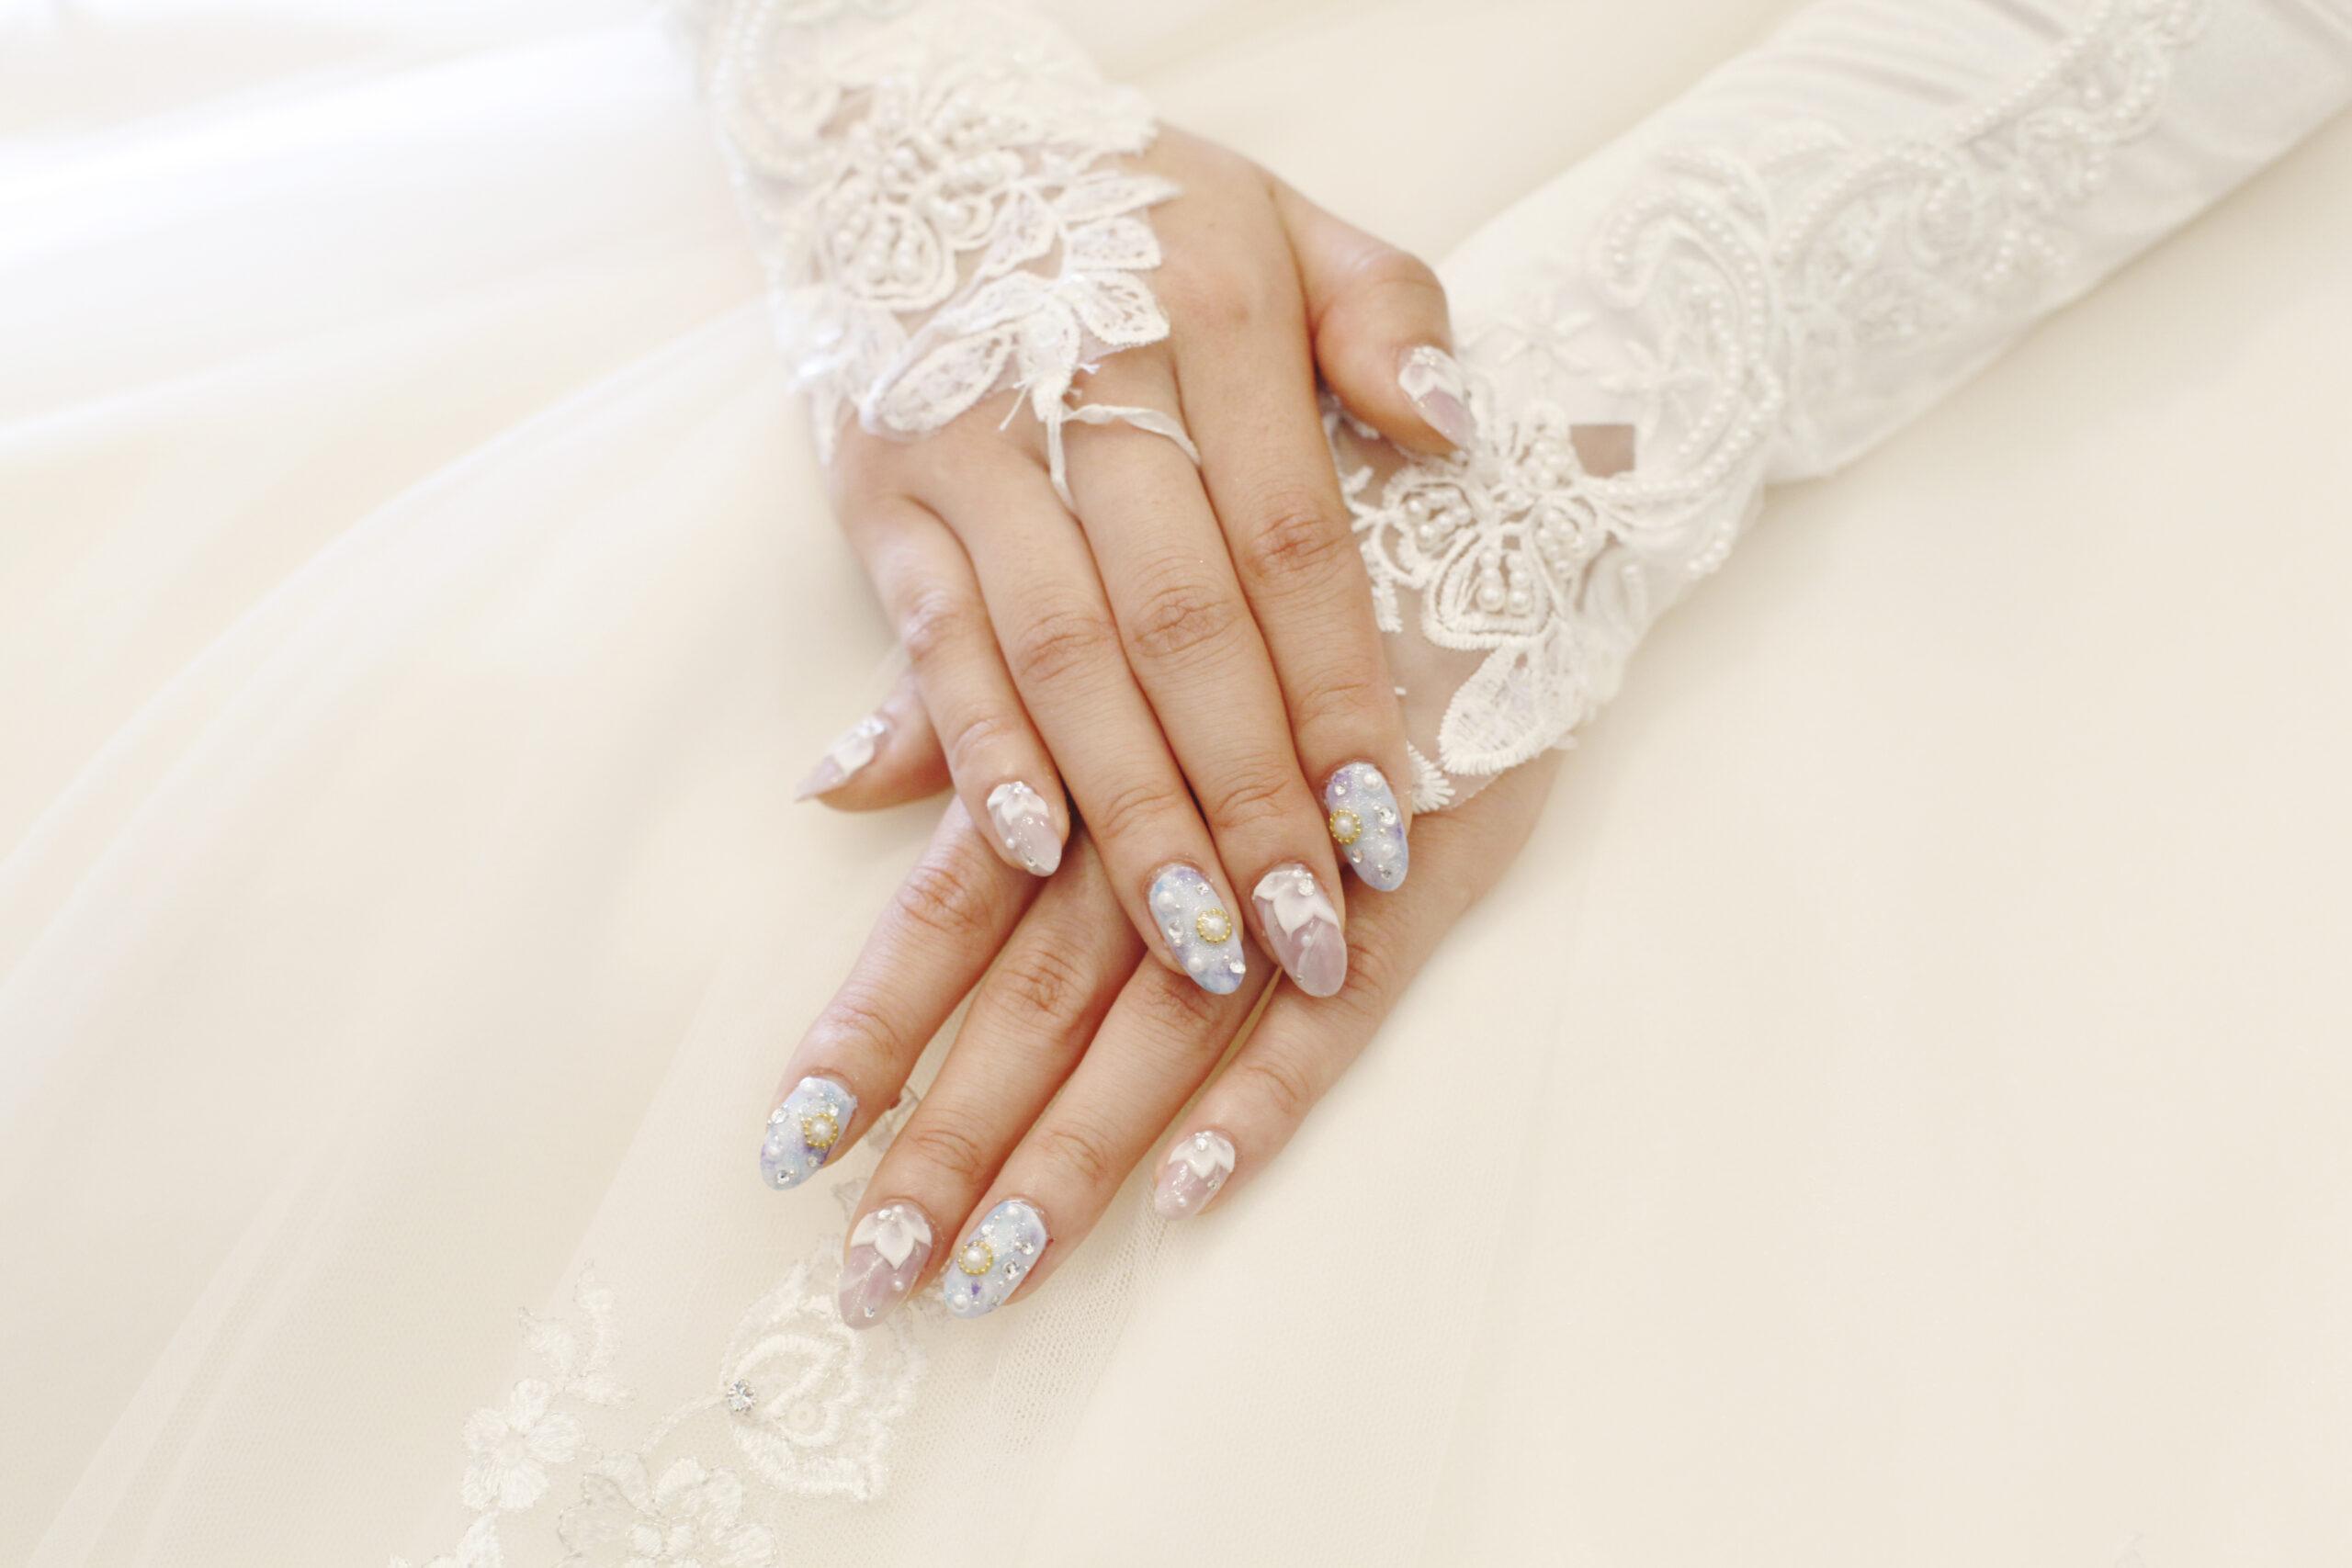 delikatne perłowe paznokcie na ślub z ozdobami na dłoniach panny młodej